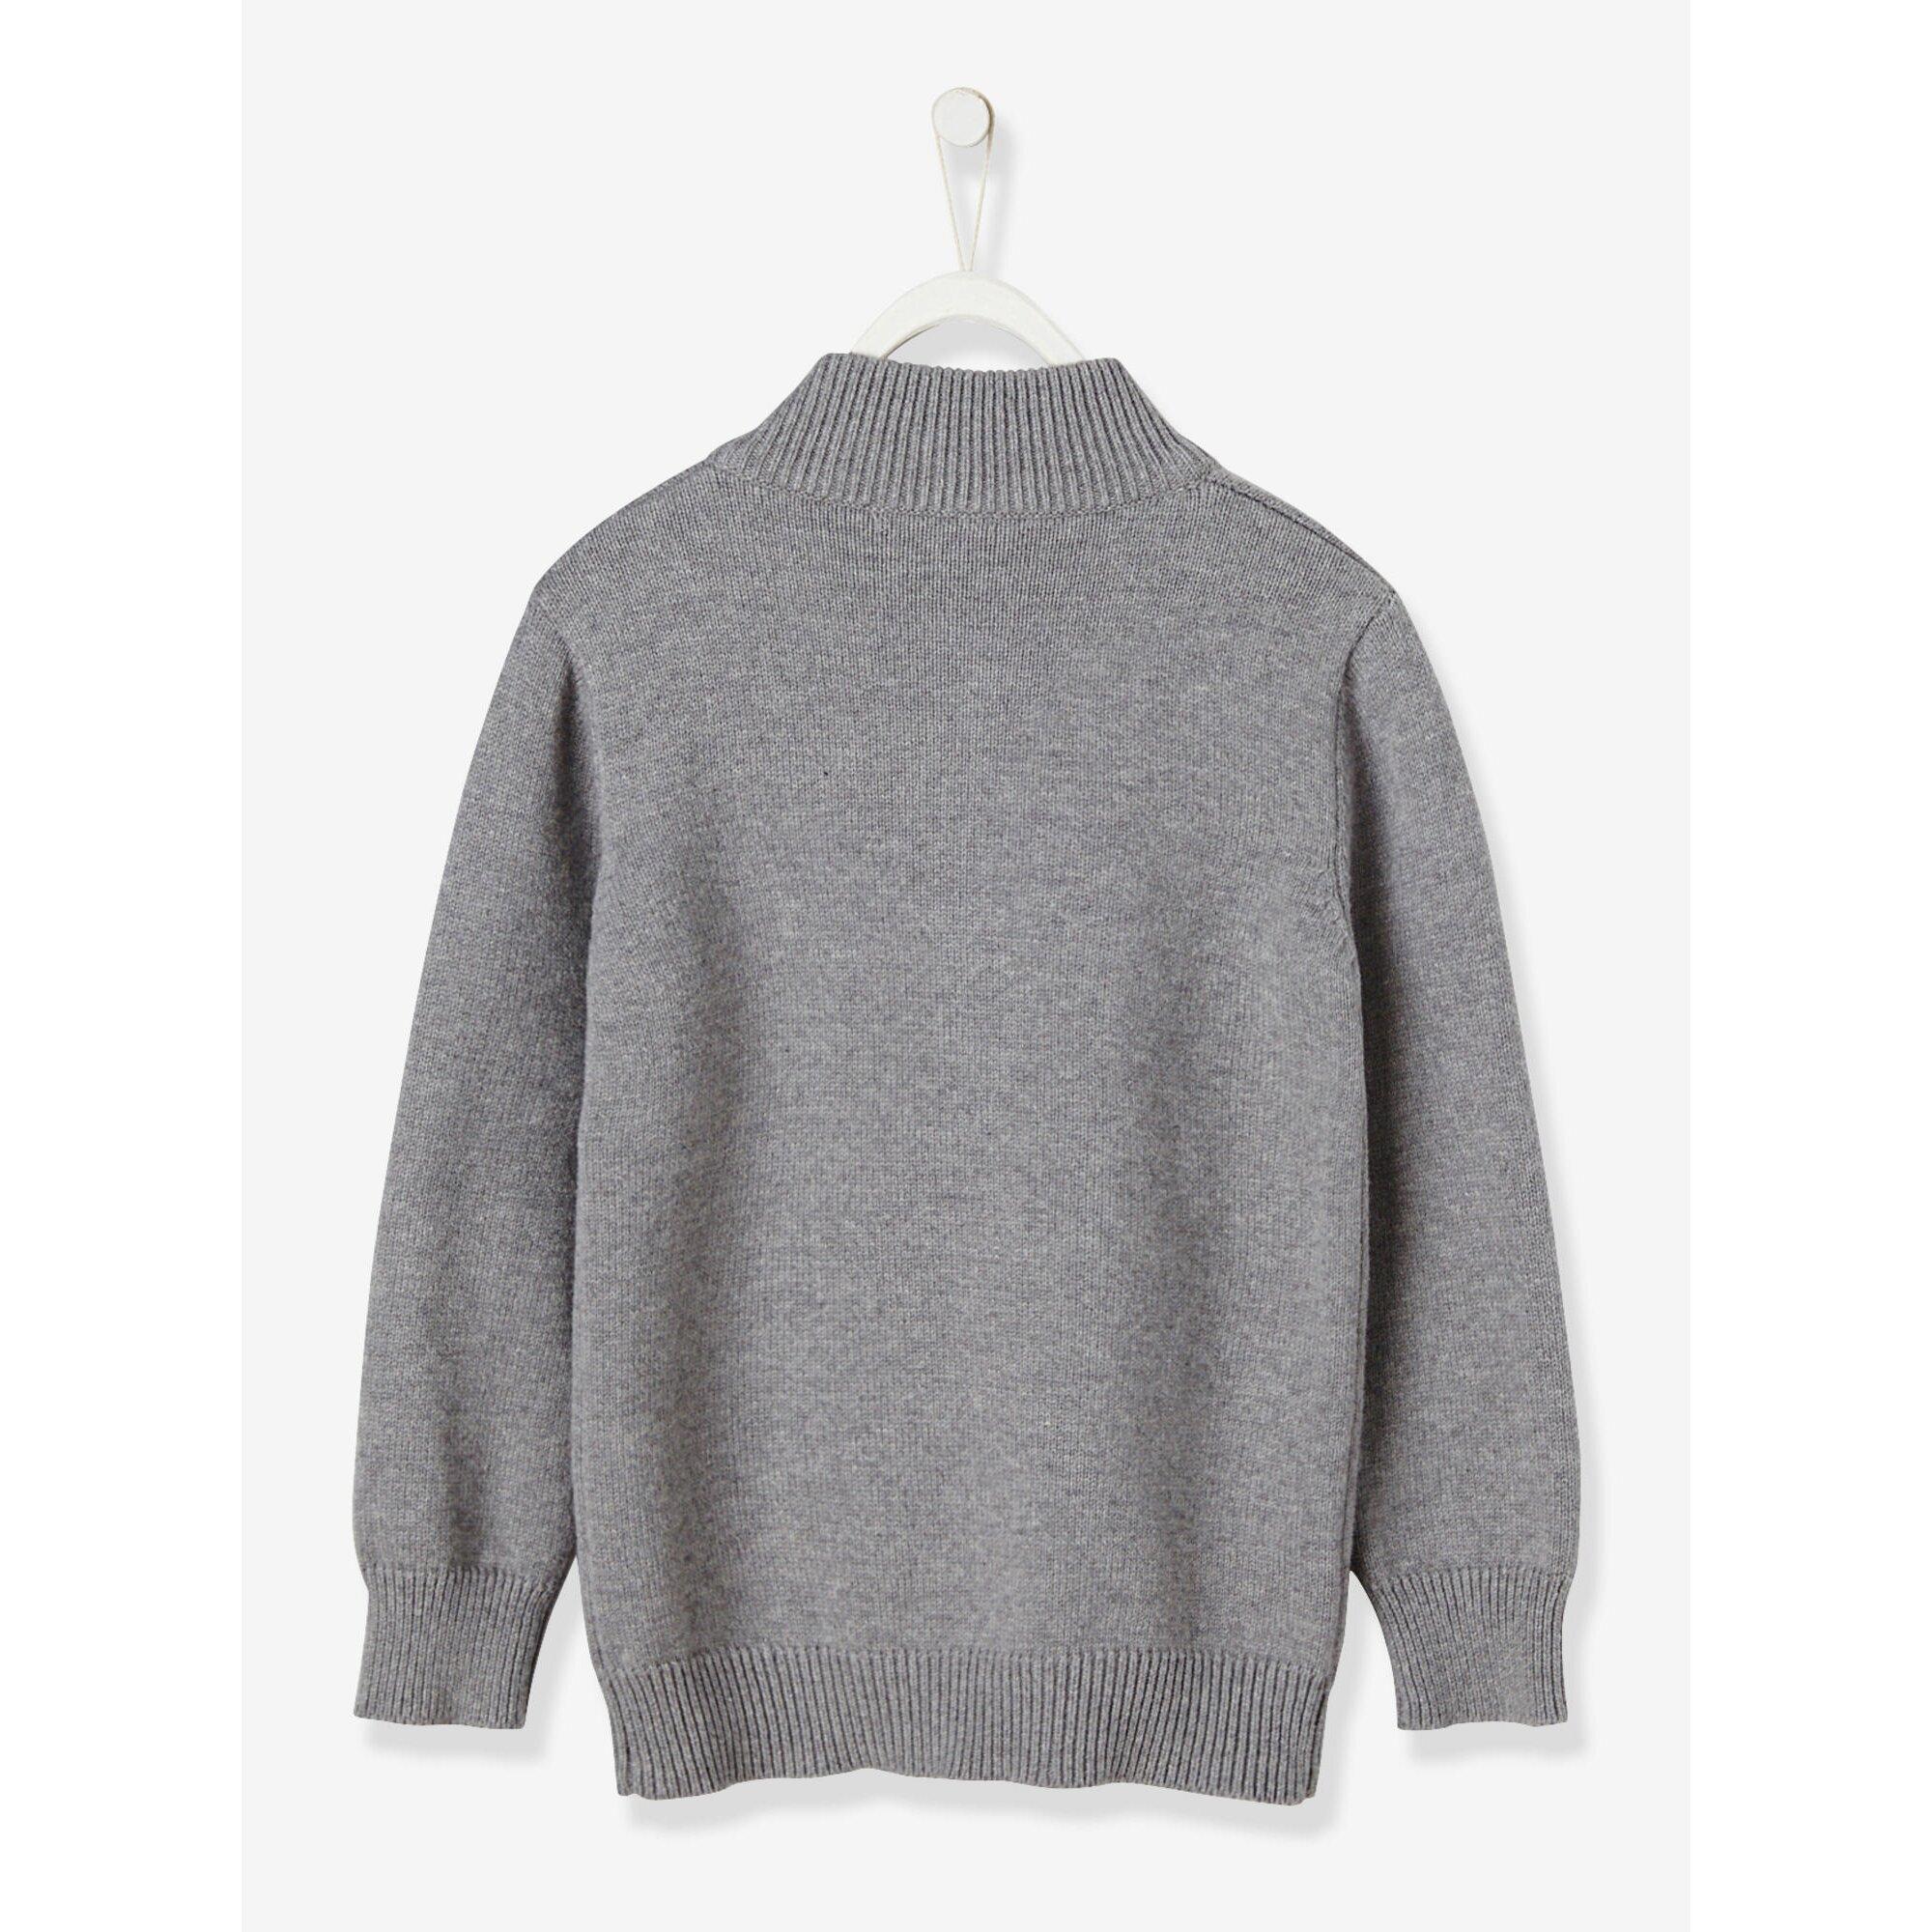 vertbaudet-jungen-pullover-mit-stehkragen